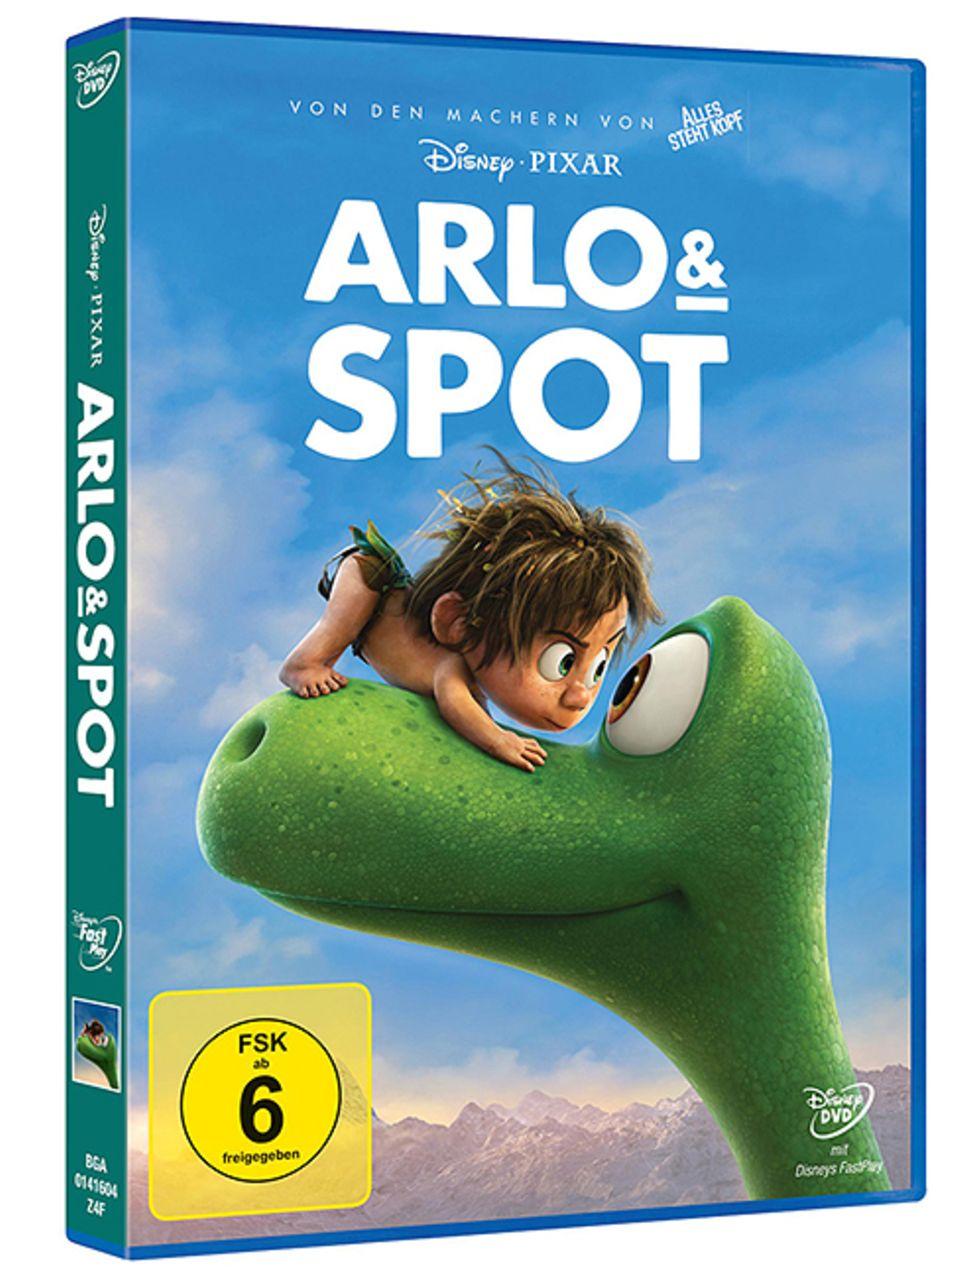 Filmtipp: Arlo & Spot: ab dem 31. März 2016 auf DVD und Blu-ray